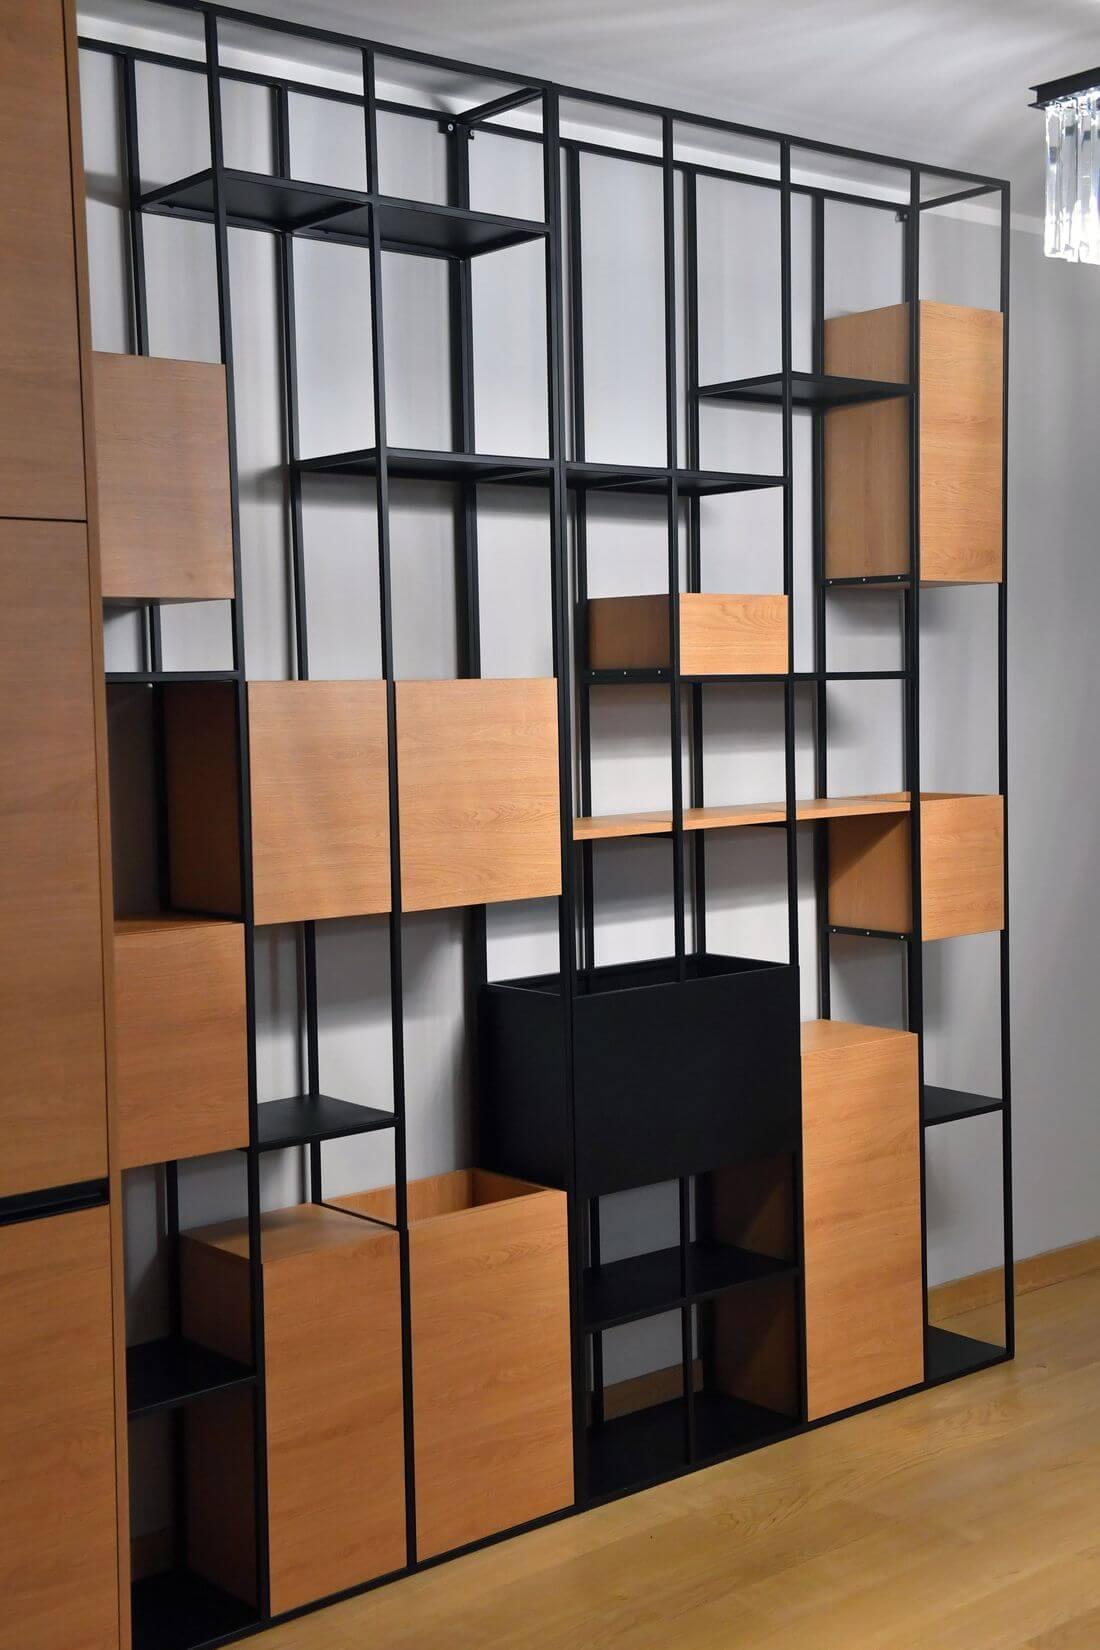 Regał Loft pomalowany proszkowo na czarno RAL 9005 w stylu drobnej struktury w apartamencie o wysokości 271 cm